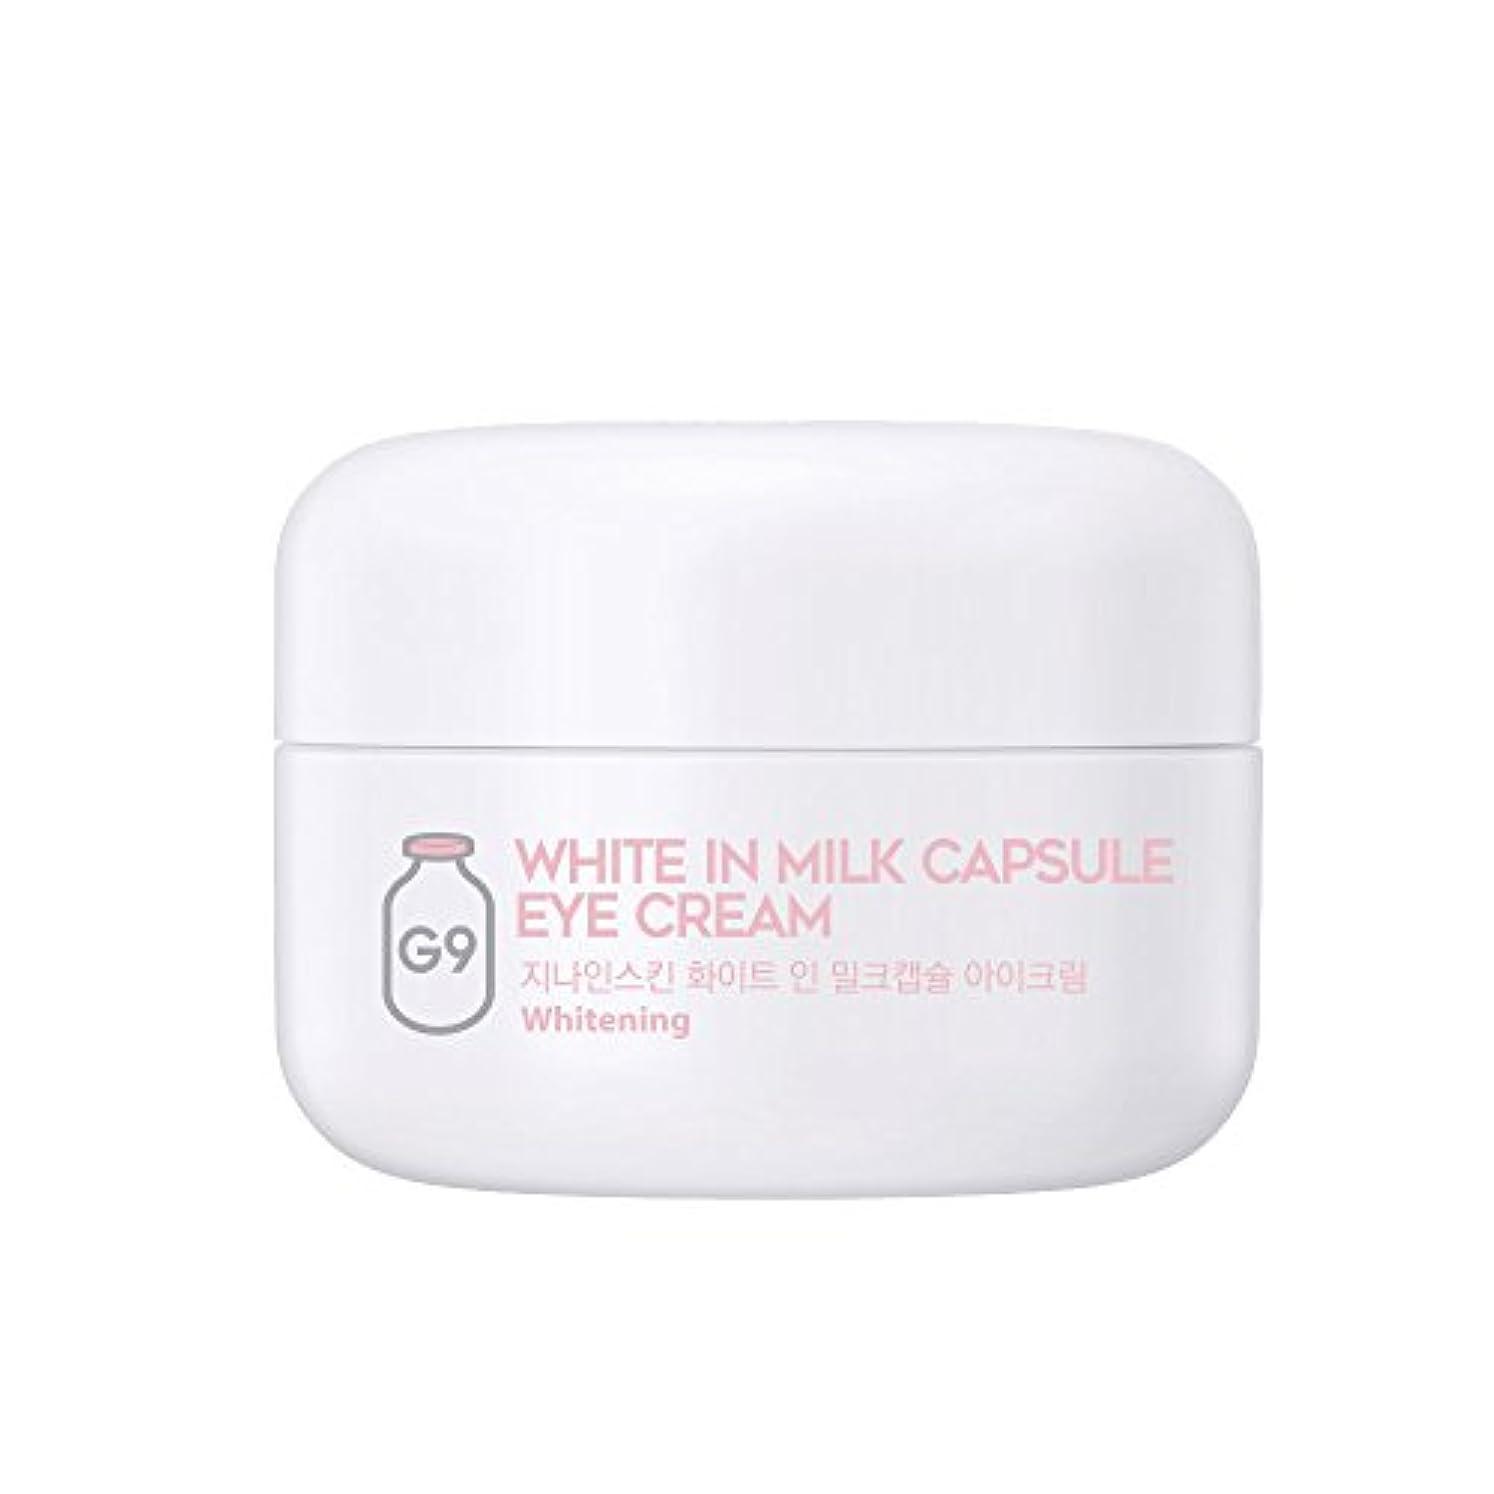 悲しむ陪審コストG9SKIN(ベリサム) White In Milk Capsule Eye Cream ホワイトインミルクカプセルアイクリーム 30g